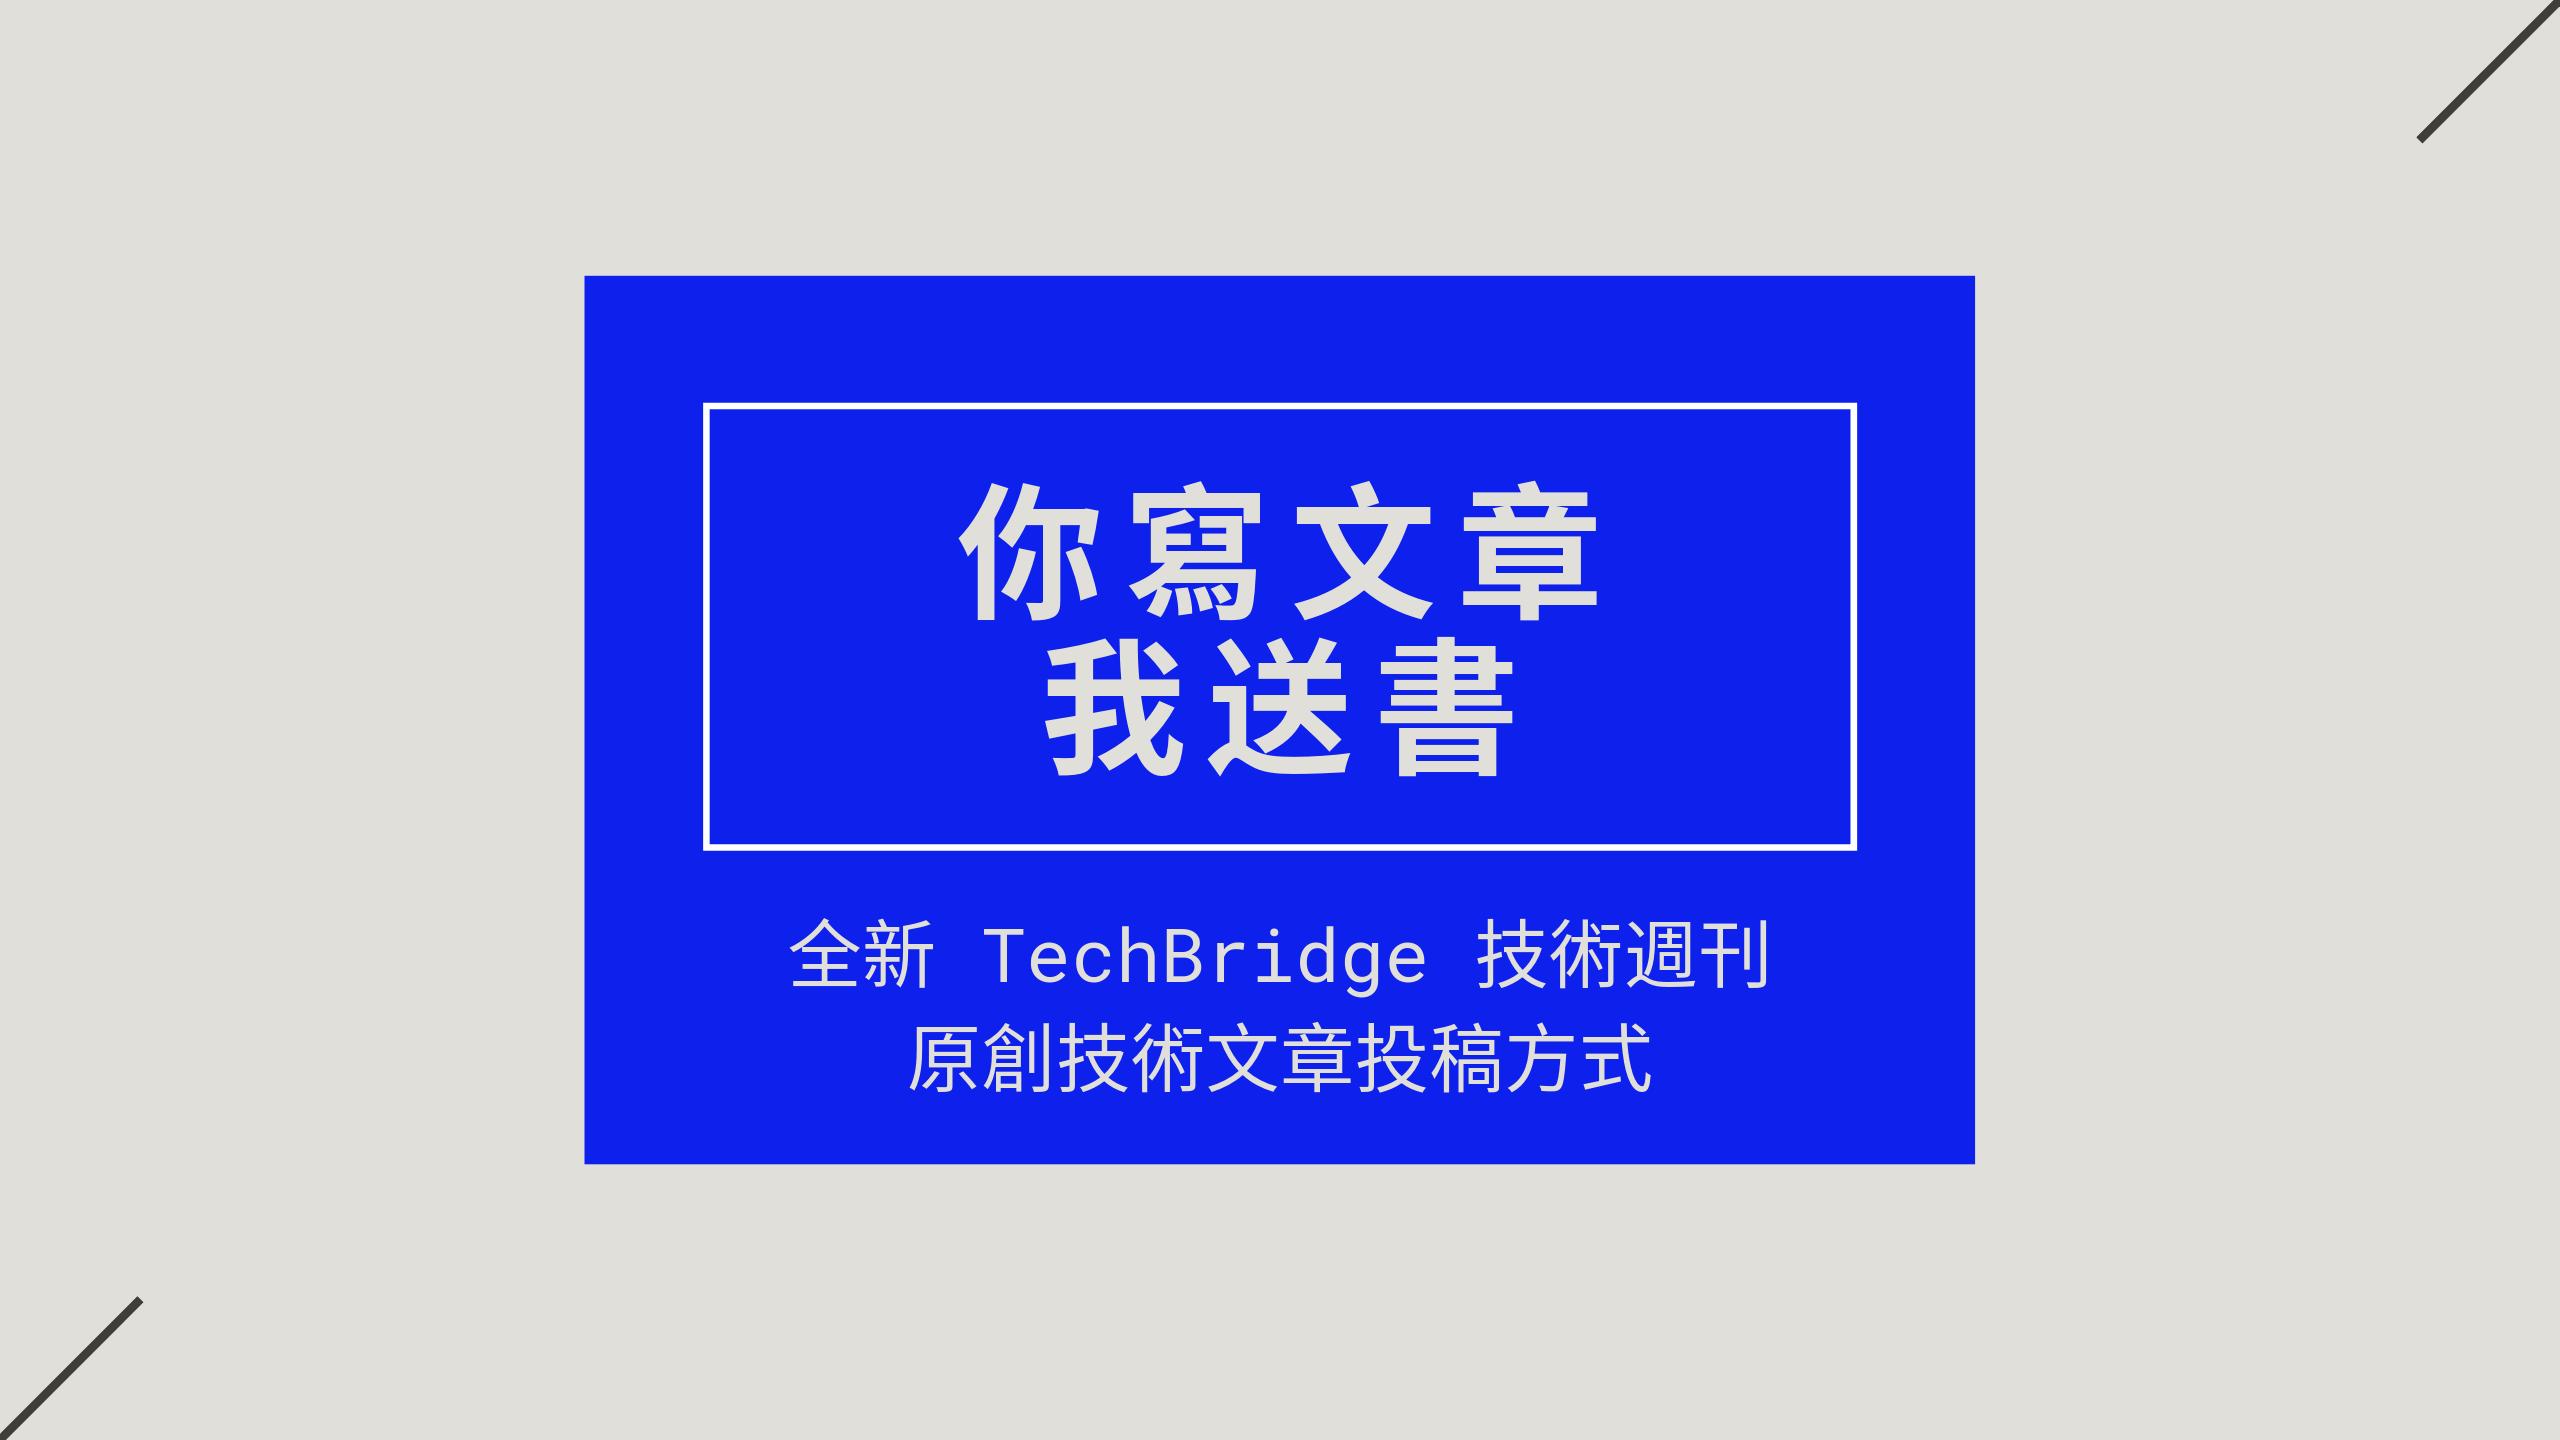 全新 TechBridge 技術週刊文章投稿方式